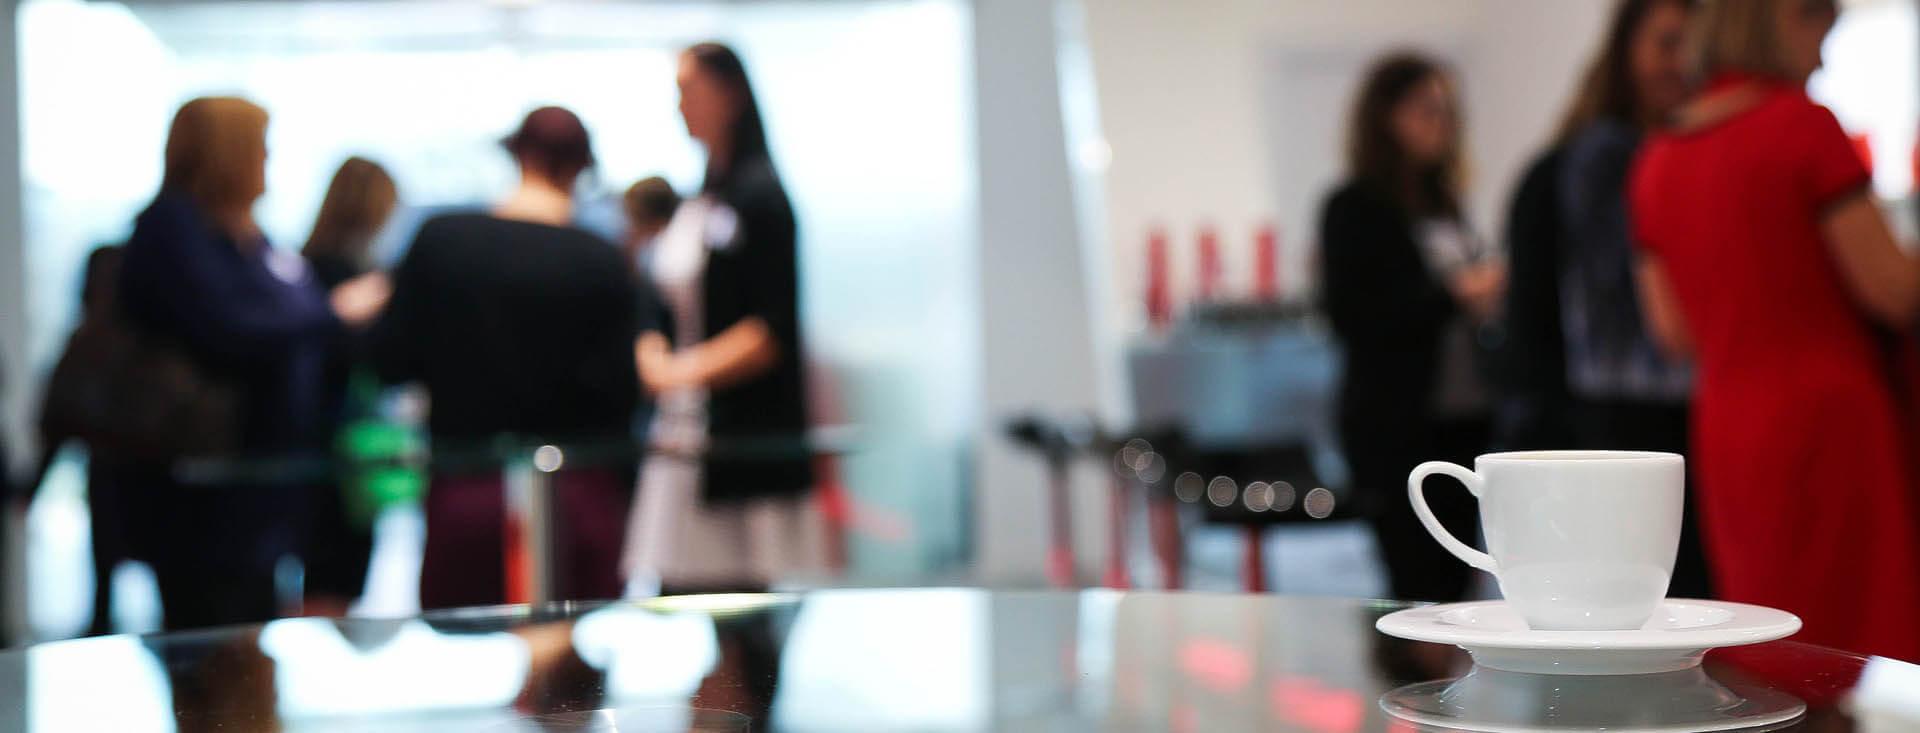 Relax in pausa aziendale con tazzina di caffé in primo piano